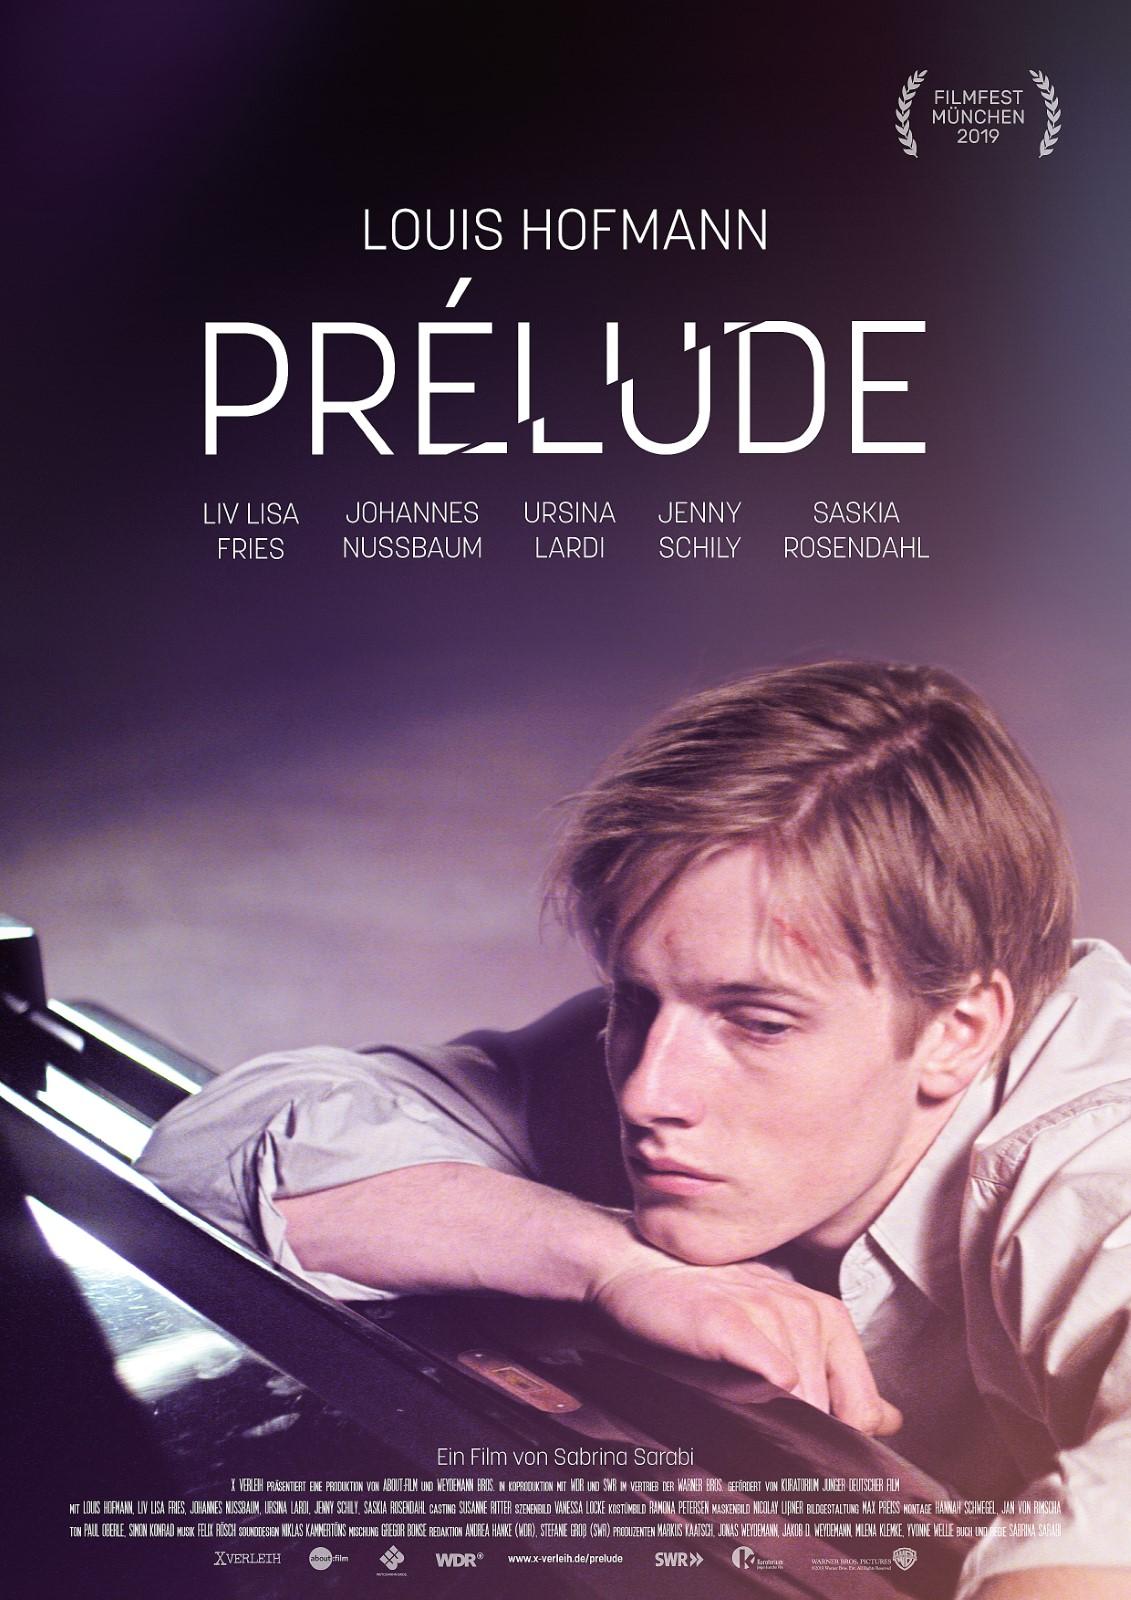 [好雷] 前奏曲 Prélude (2019 德國片) - 看板 movie - 批踢踢實業坊